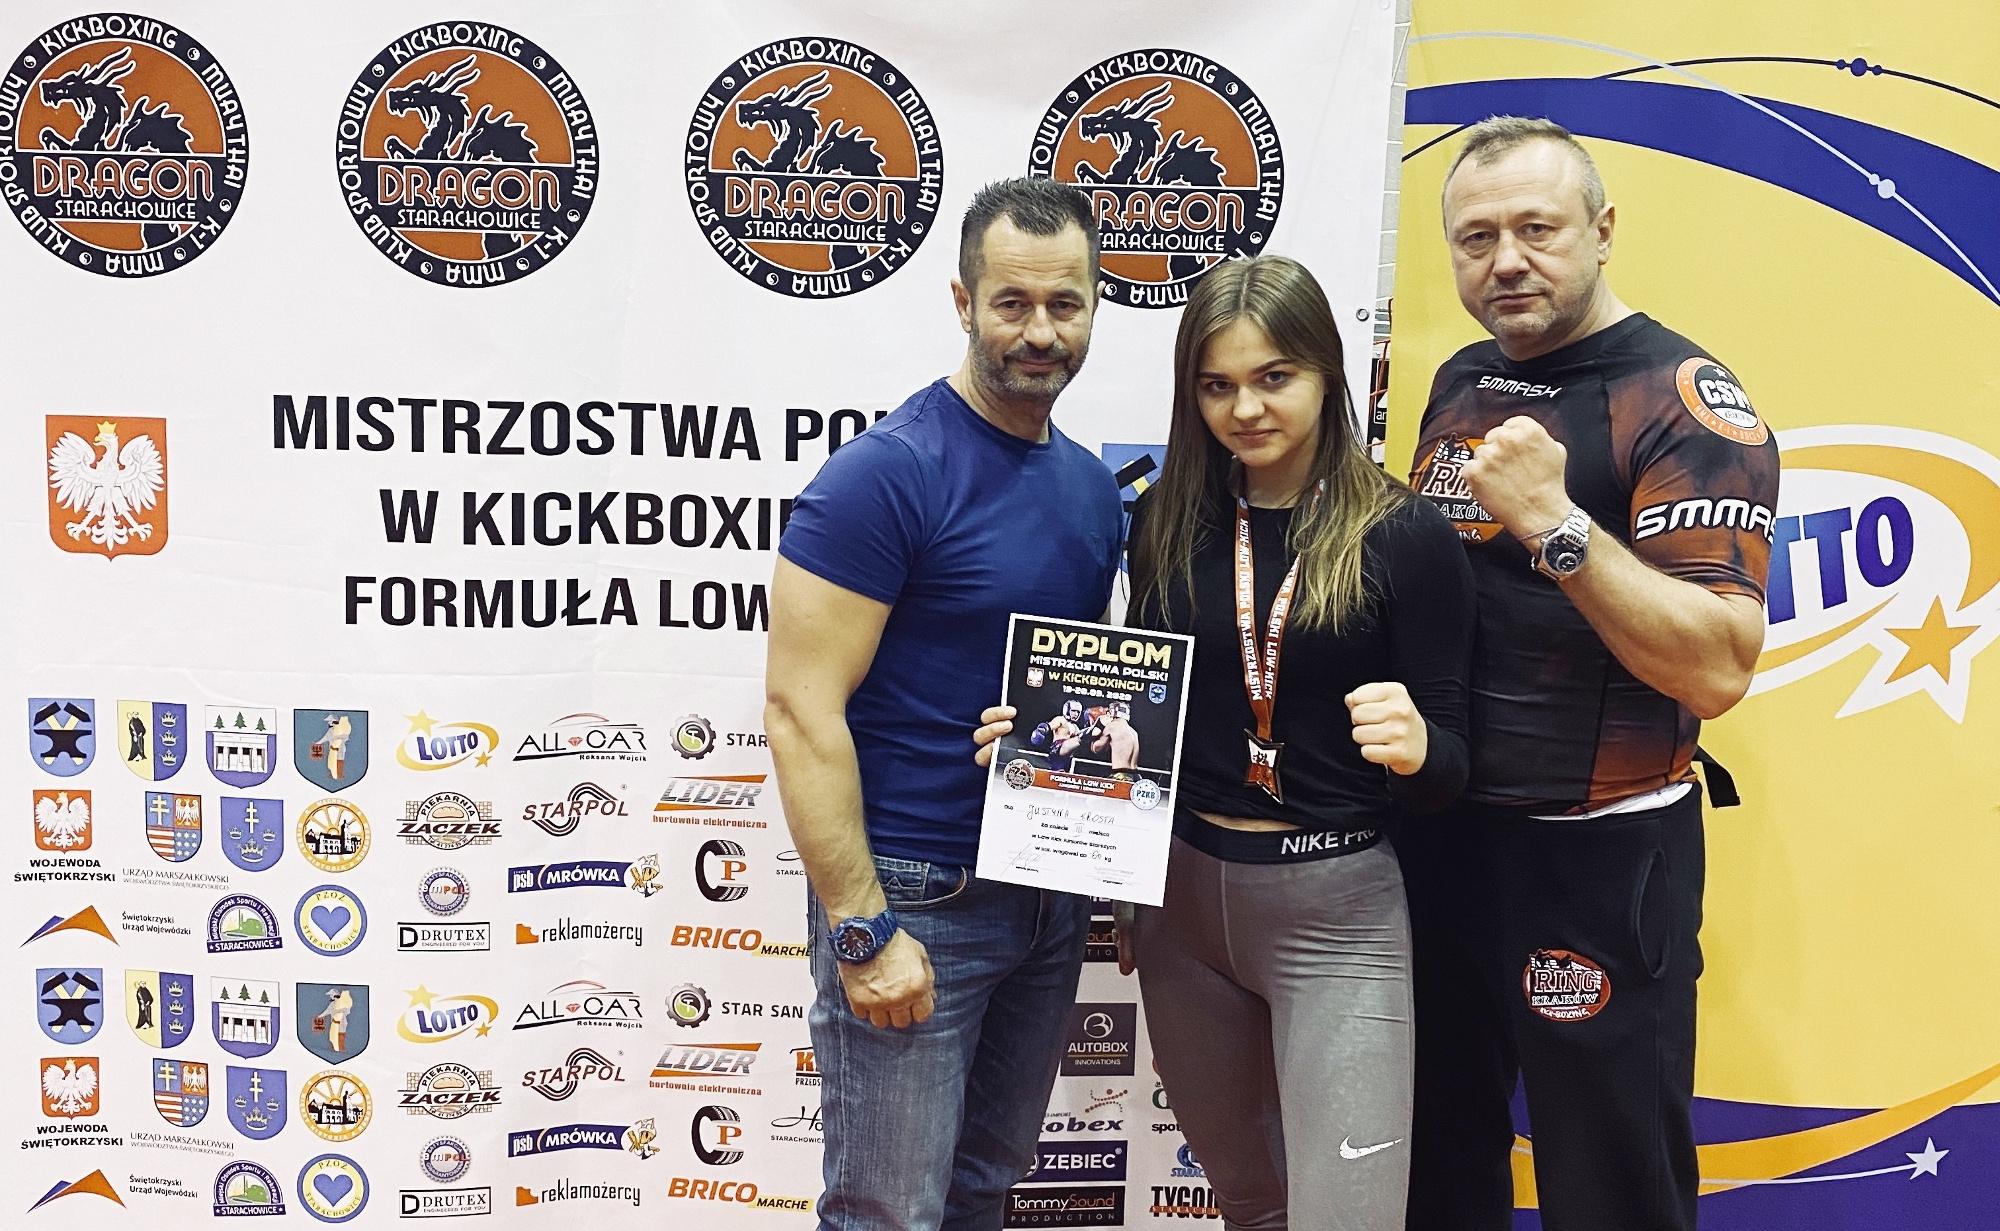 Justyna Krosta zdobywczyni 3 miejsca w zawodach kick-boxingu, z trenerami